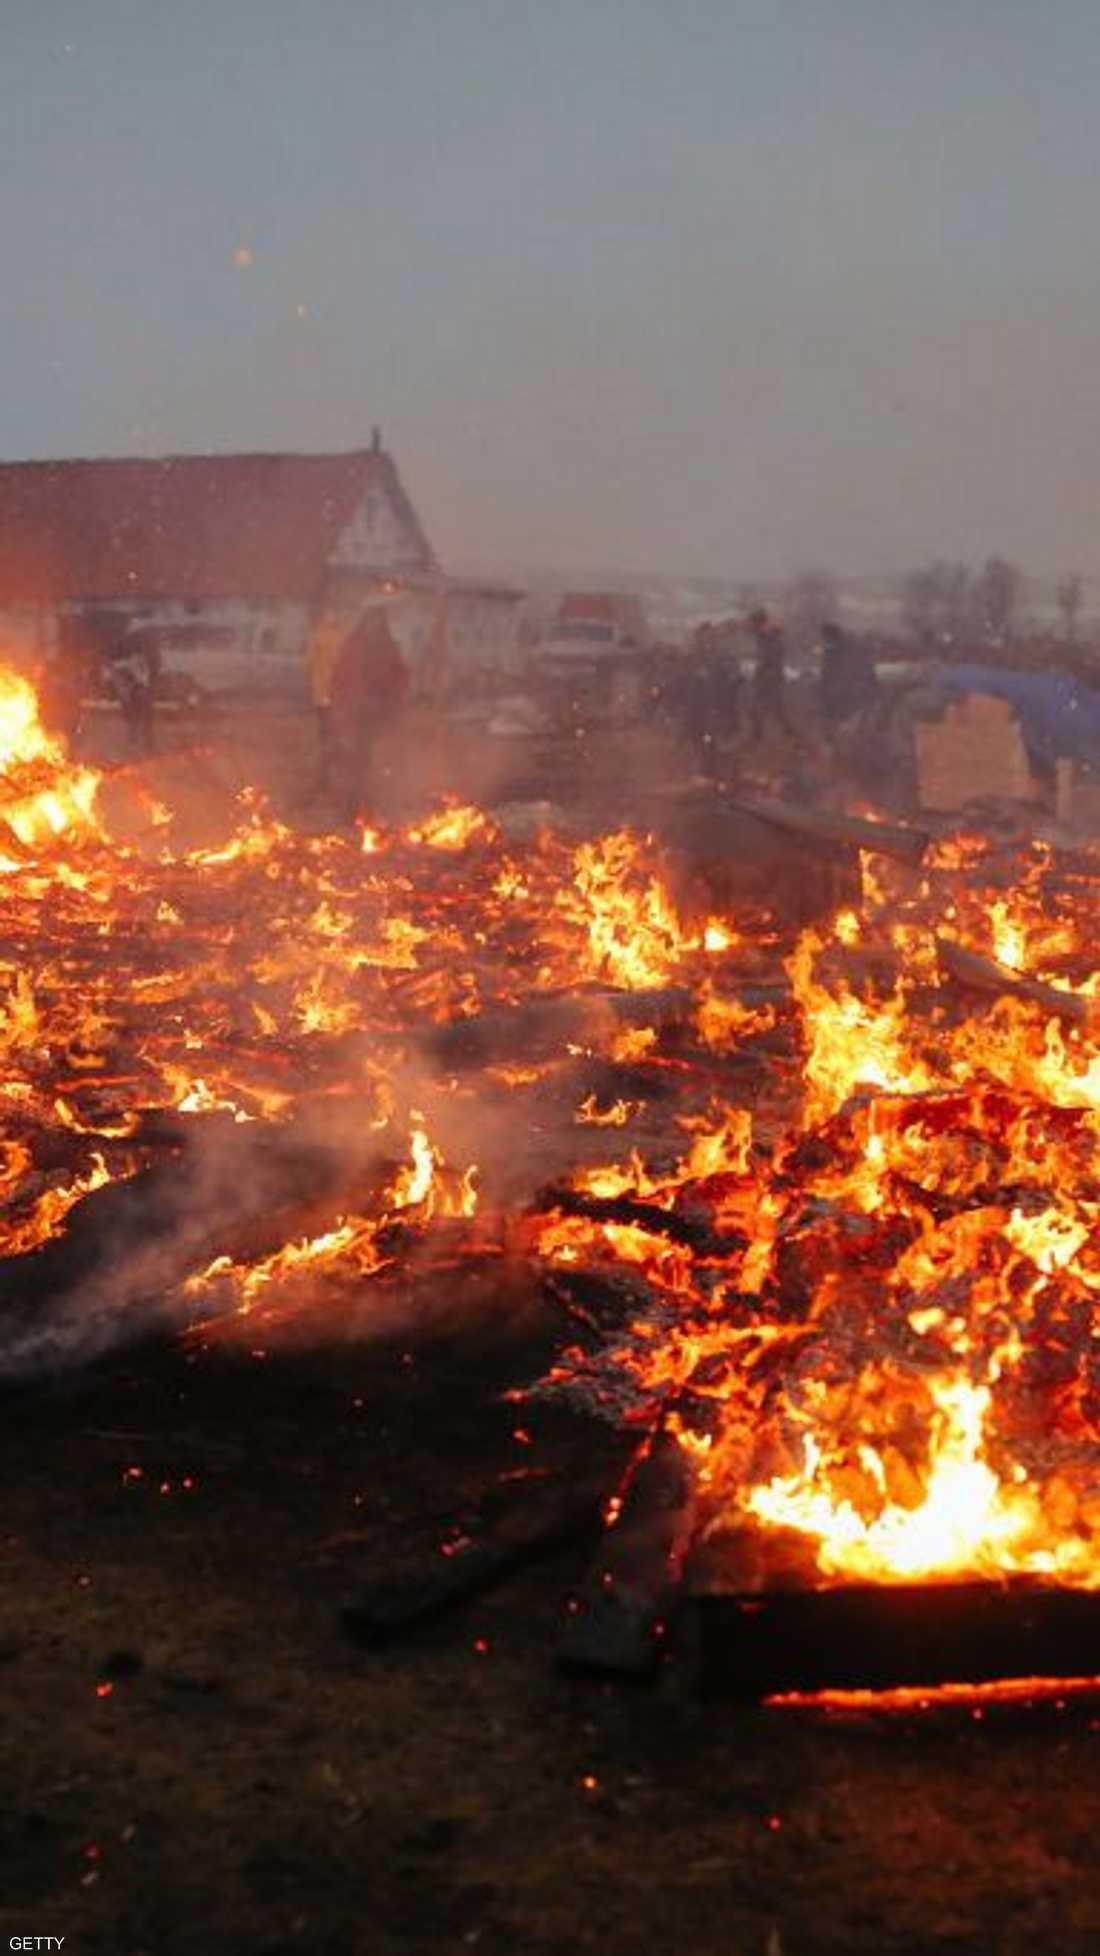 بعد اجلاء الناشطين تنوي السلطات الأميركية إزالة بقايا المخيم